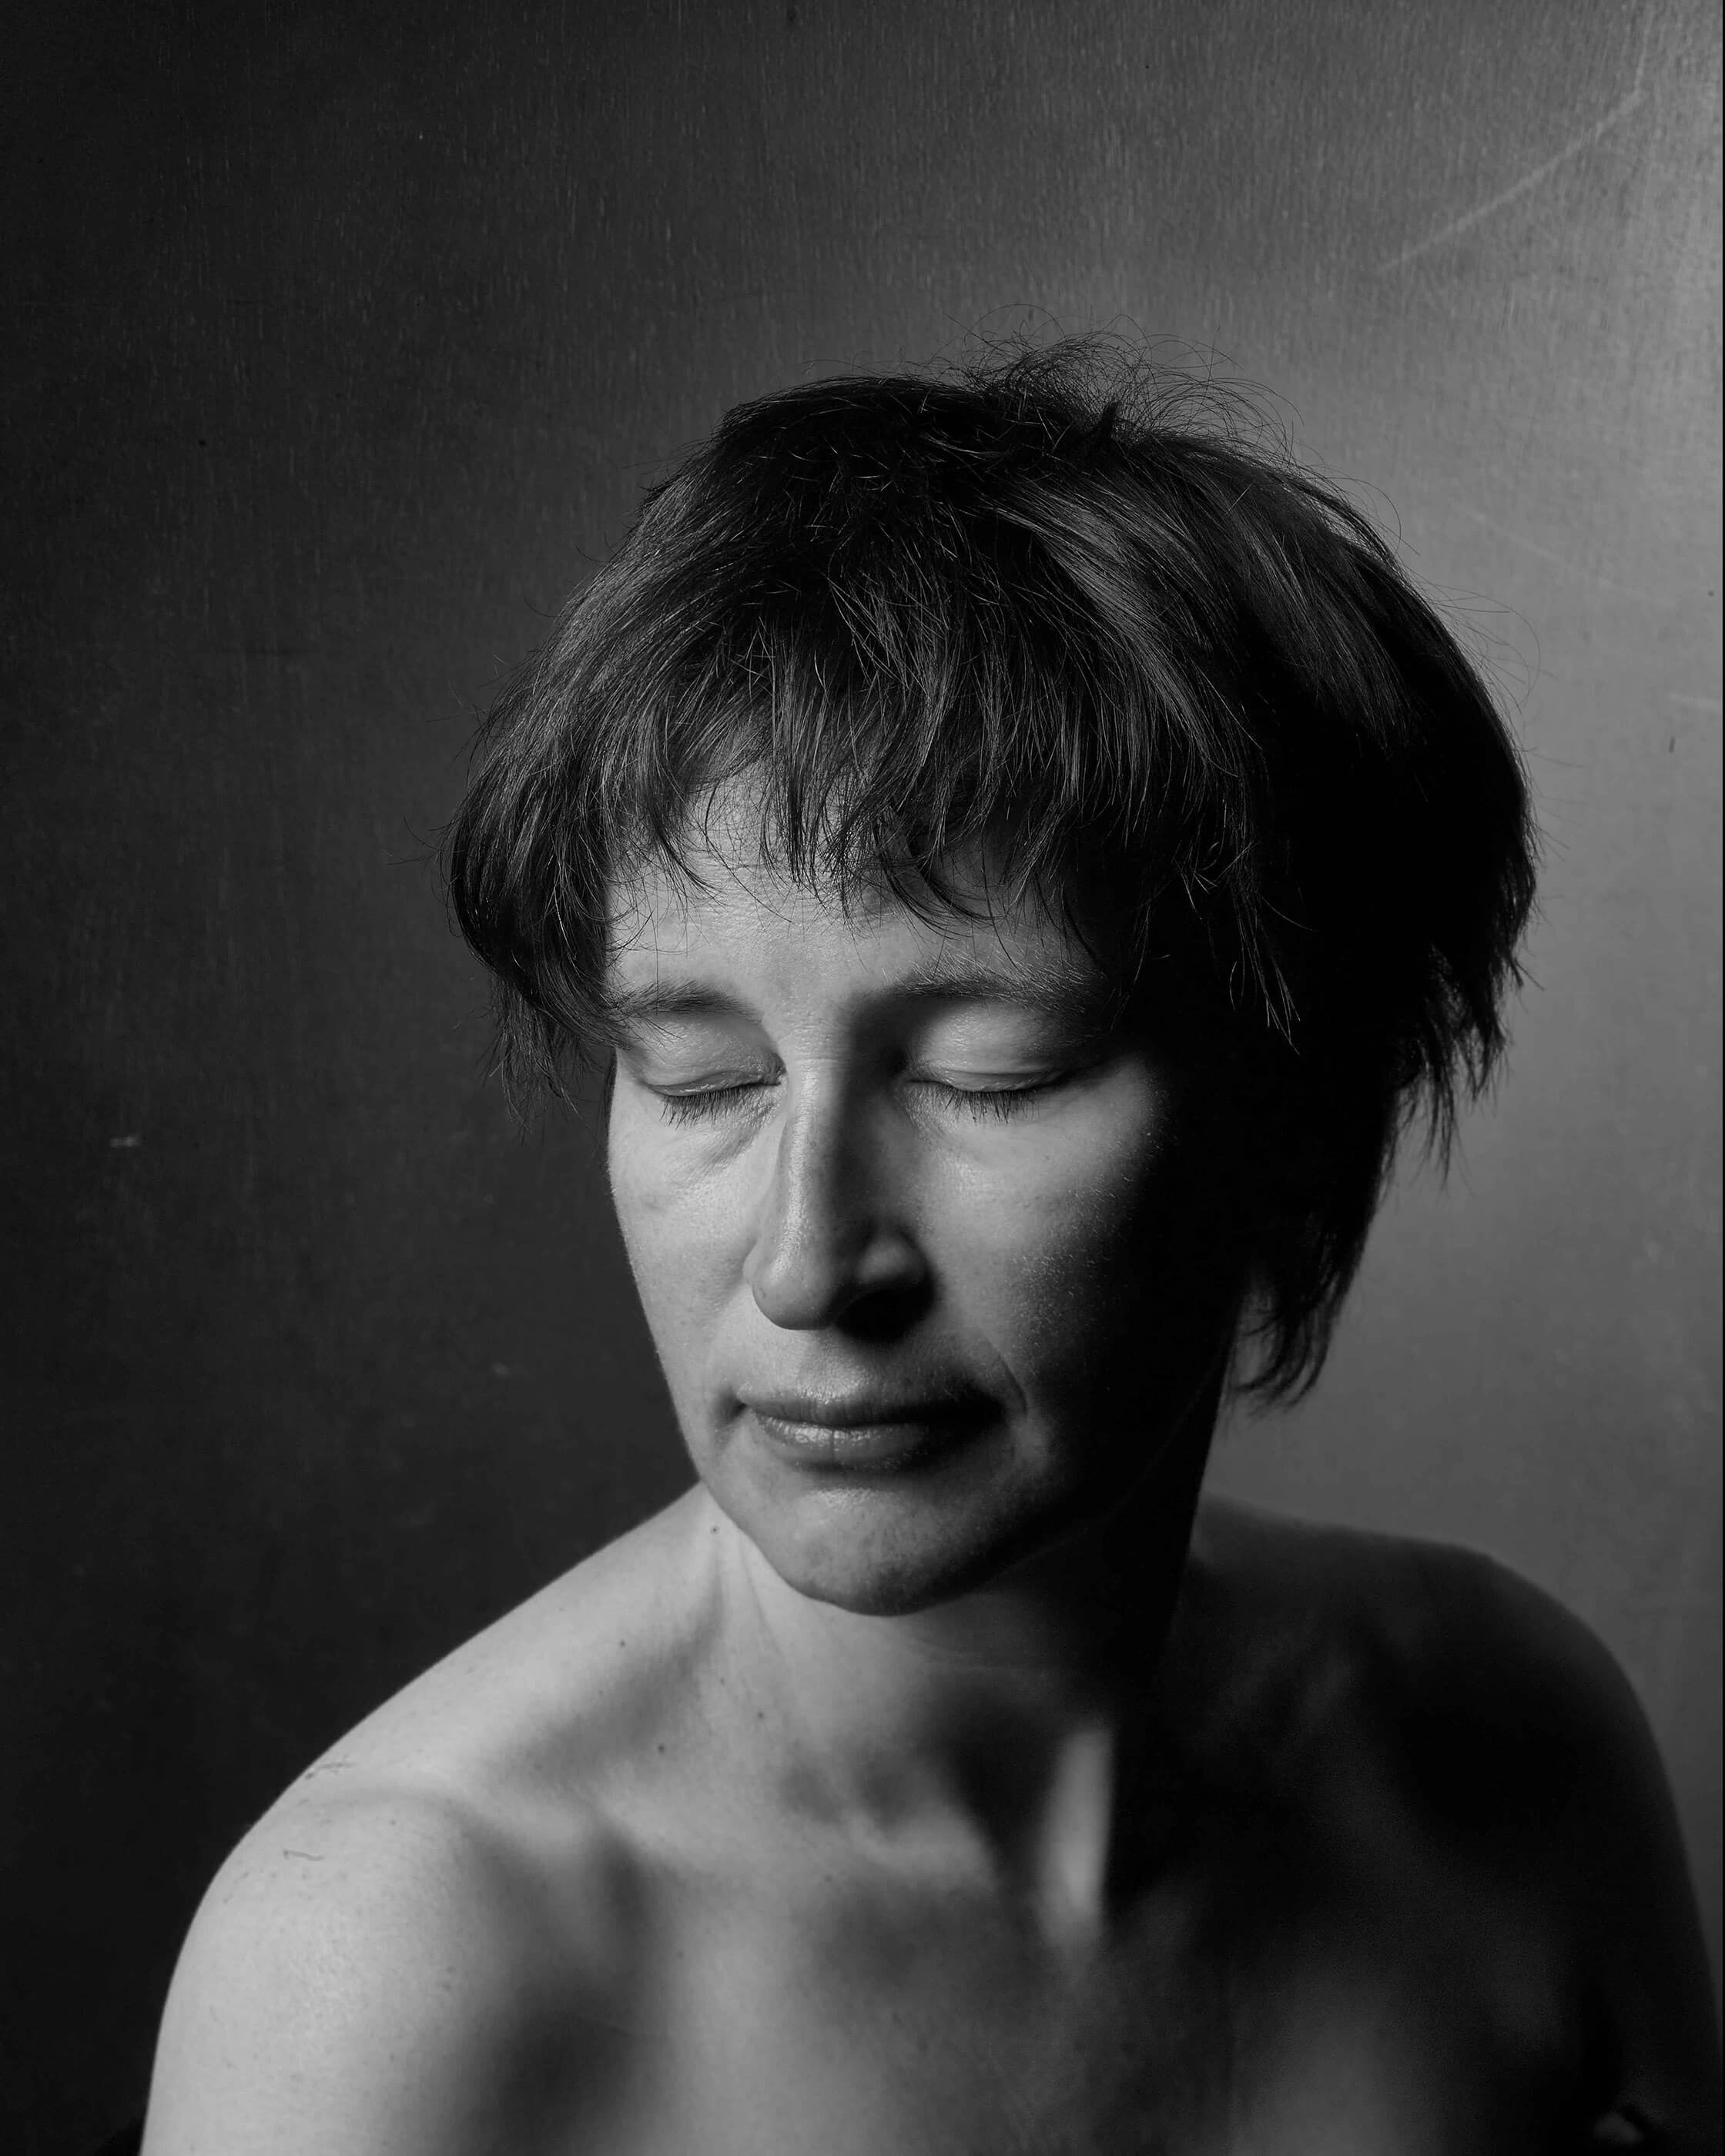 halve eeuw (vrouwen van 50 jaar)   Desiree van den Bogaard